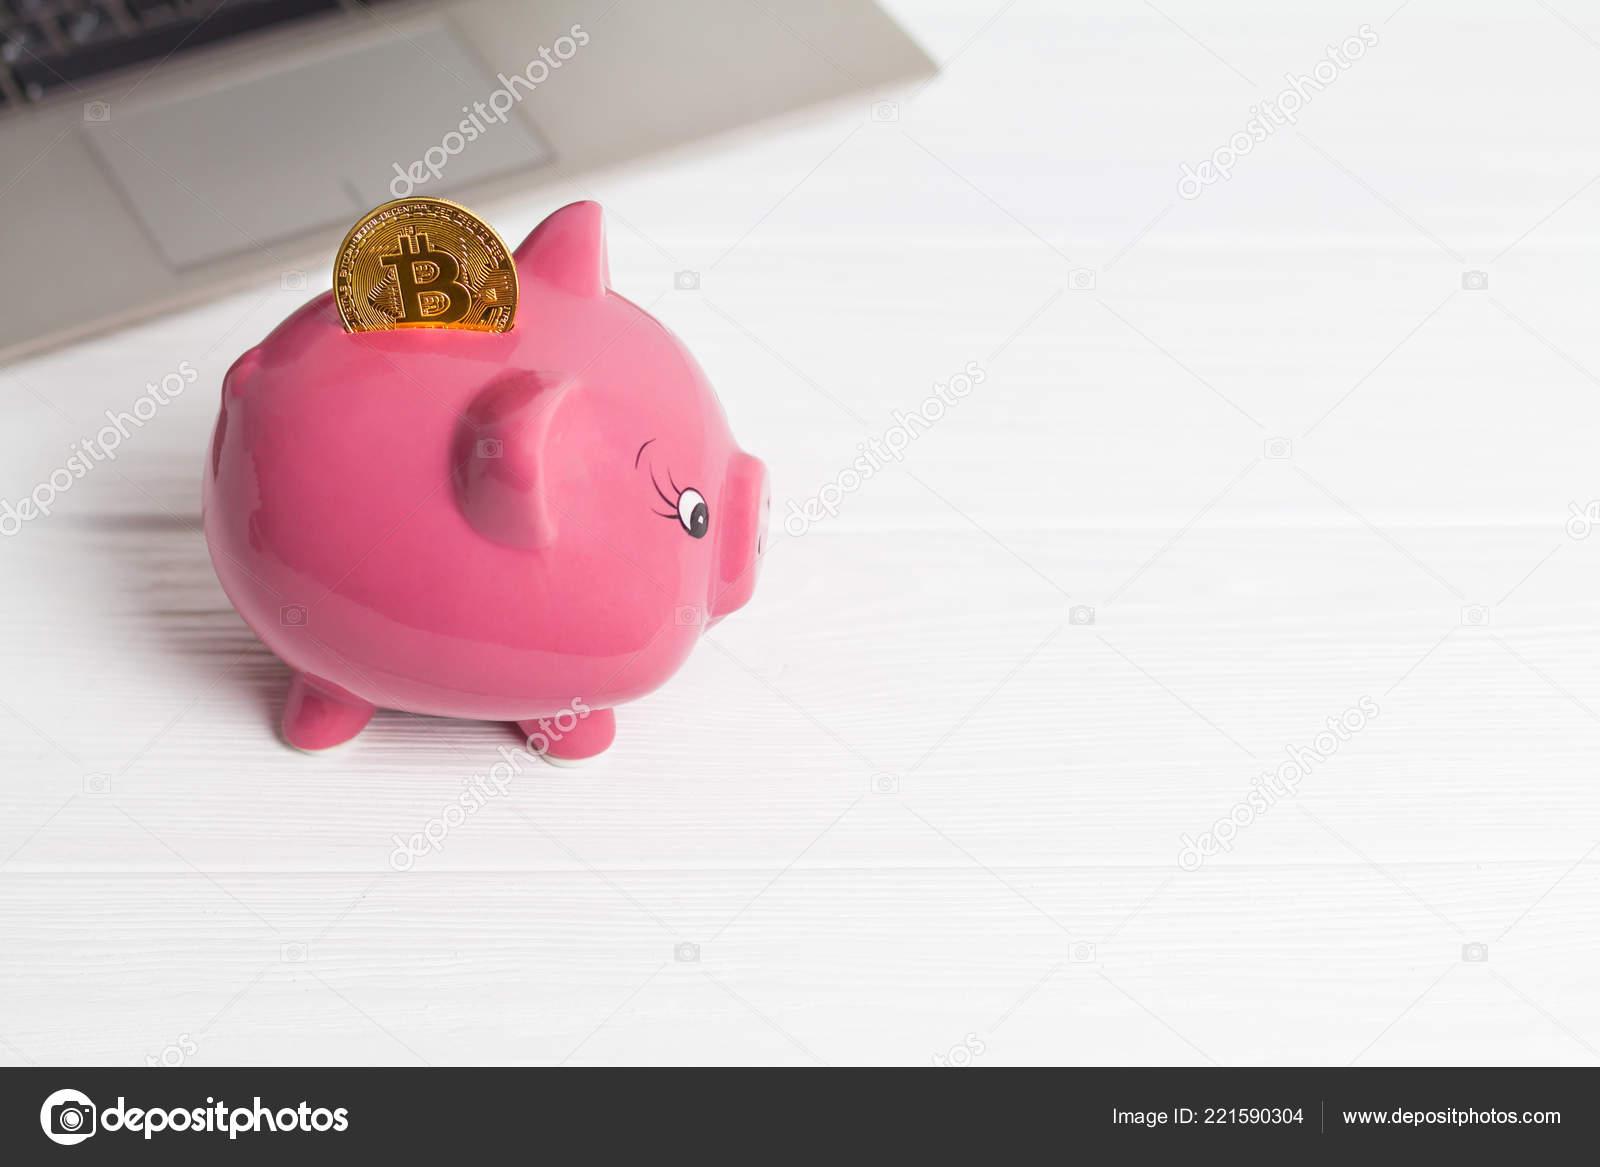 malacka bank bitcoin a valós lehetőségek módszere a projektek értékének felmérésében